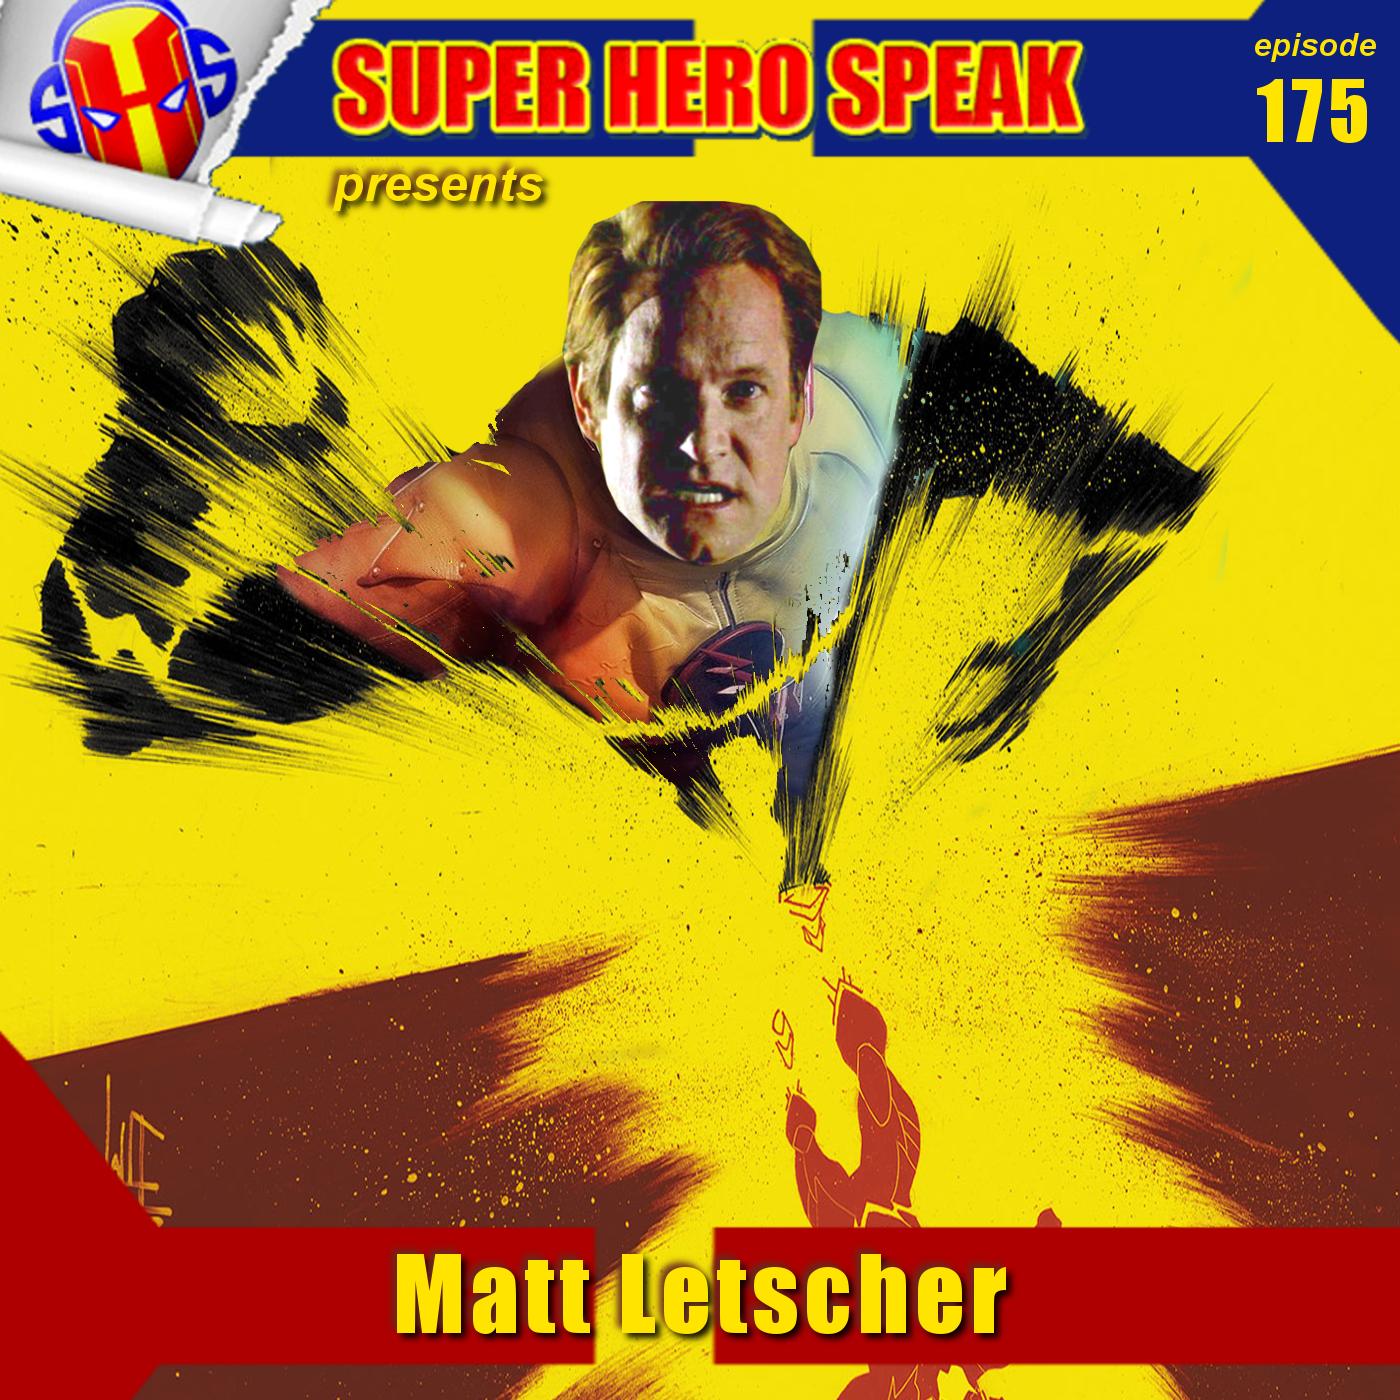 #175: Matt Letscher